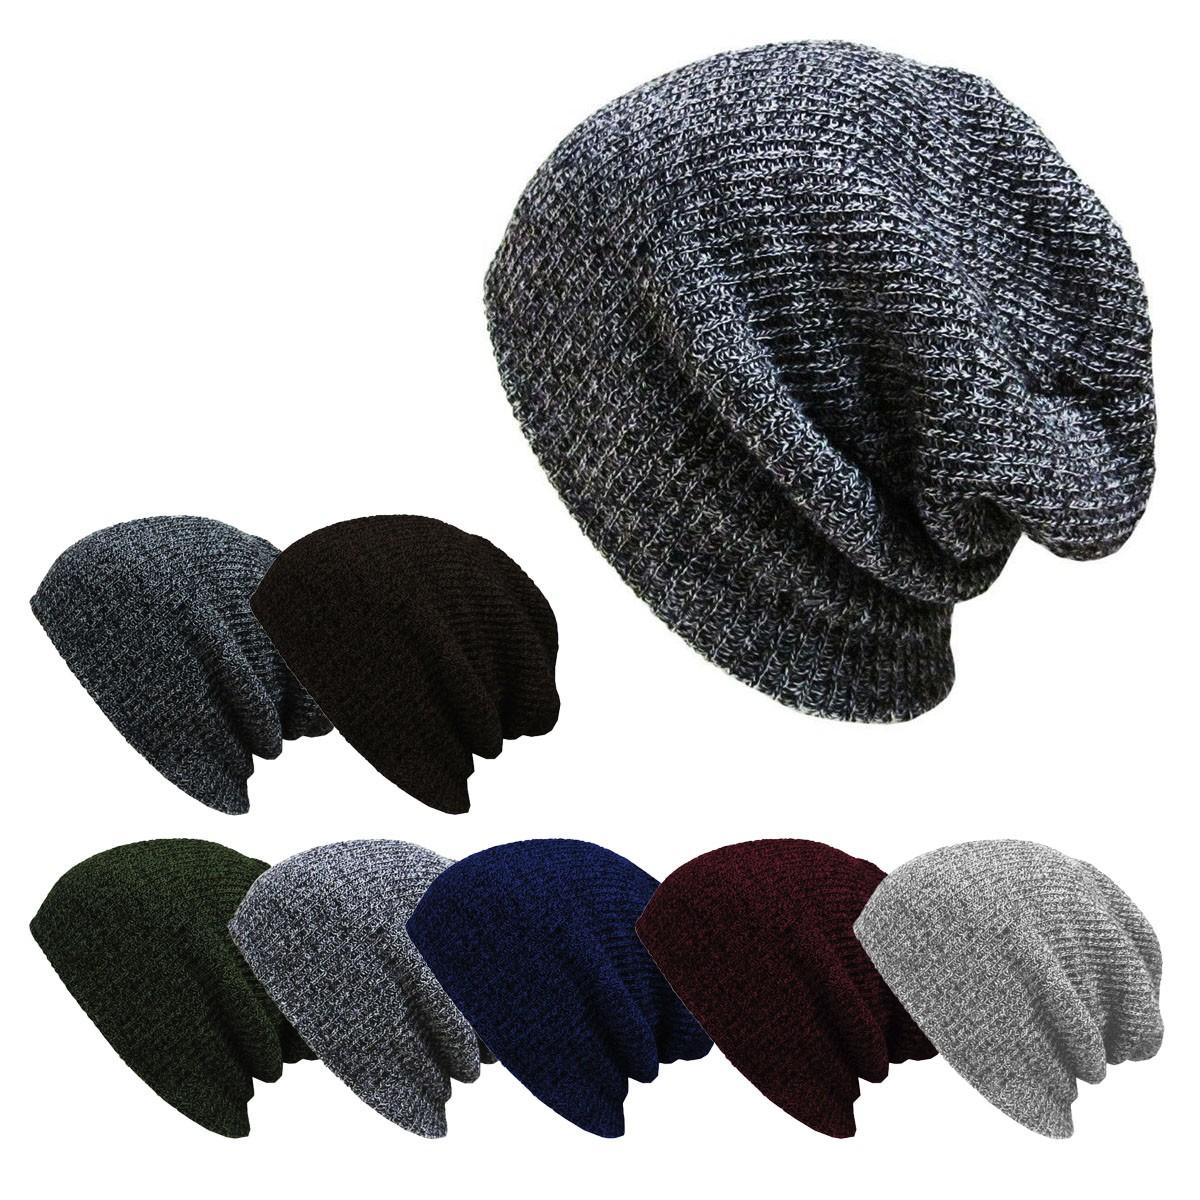 femme homme bonnet crochet tricot laine chapeau beanie beret casquette hiver ebay. Black Bedroom Furniture Sets. Home Design Ideas